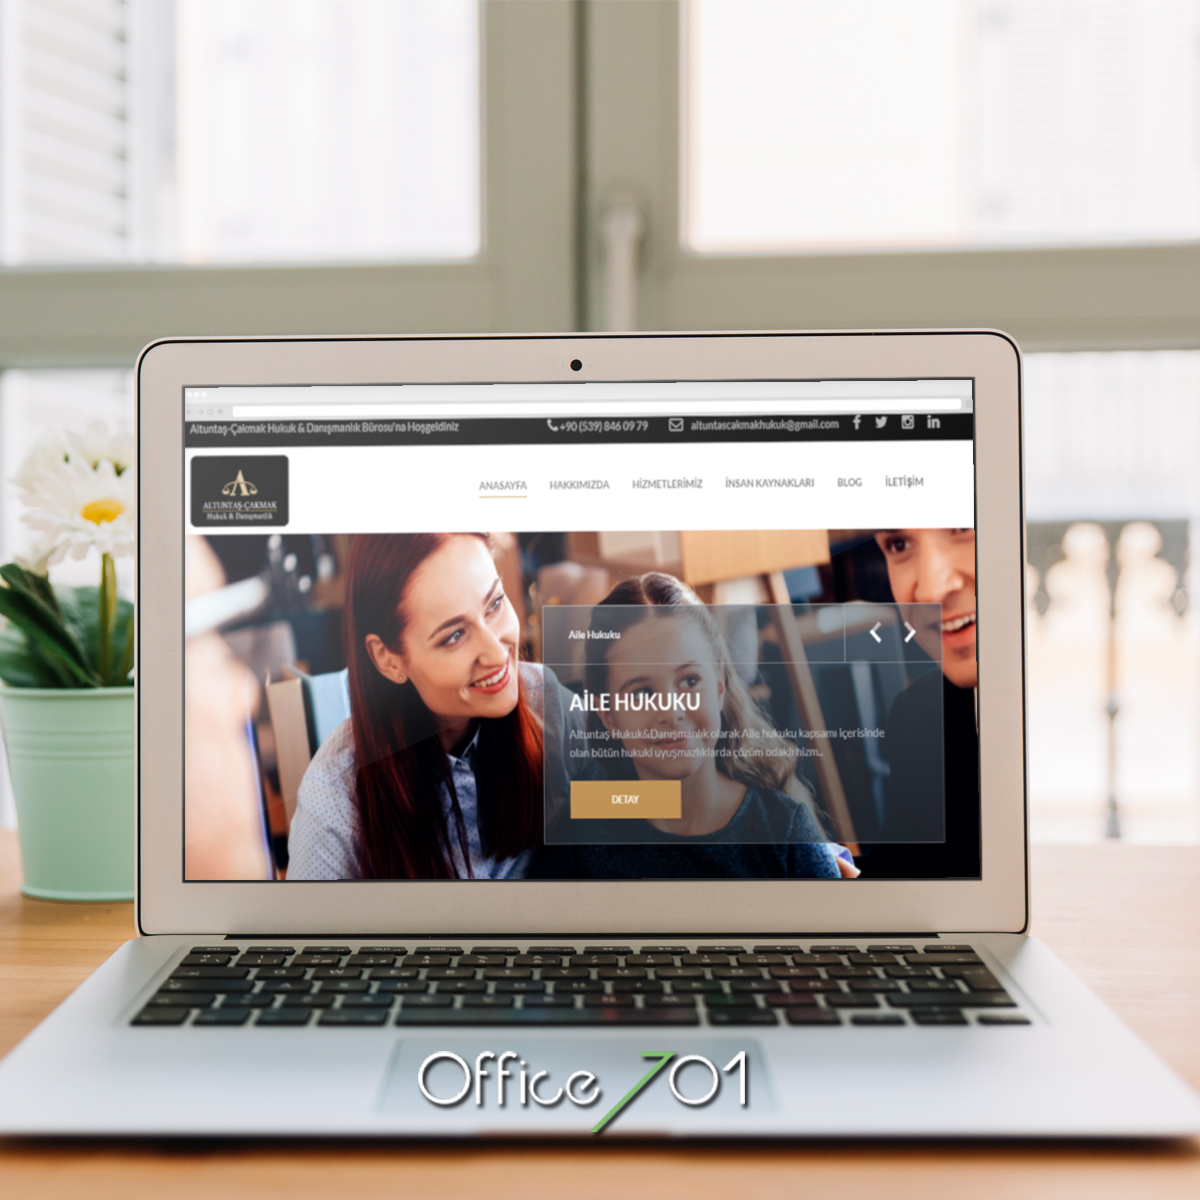 Office701 | Altuntaş-Çakmak Hukuk & Danışmanlık Web Sitesi